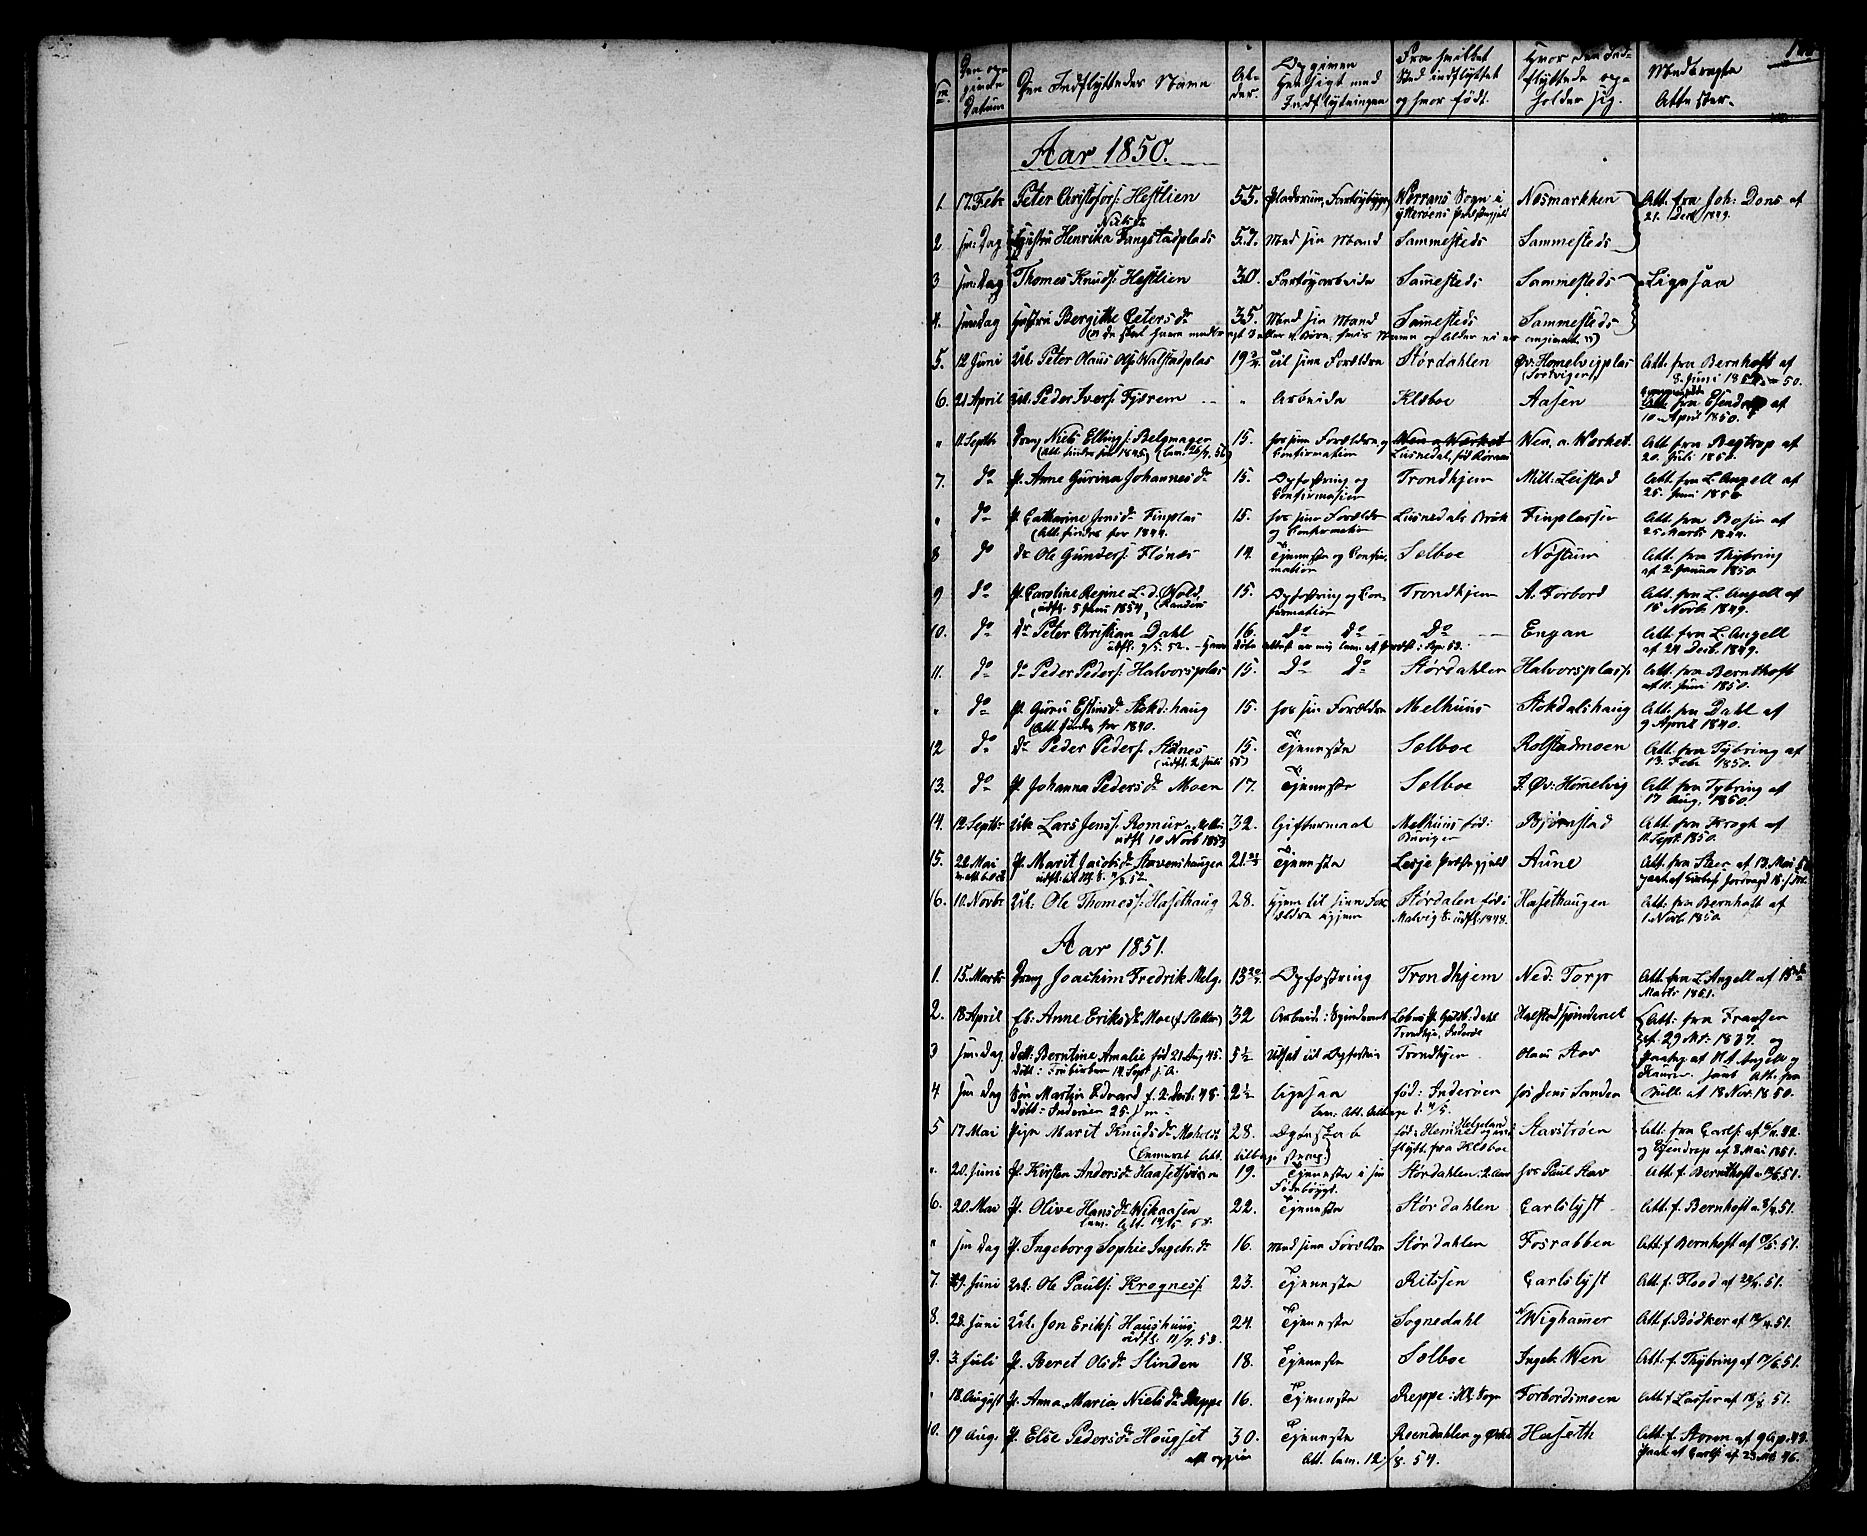 SAT, Ministerialprotokoller, klokkerbøker og fødselsregistre - Sør-Trøndelag, 616/L0422: Klokkerbok nr. 616C05, 1850-1888, s. 186